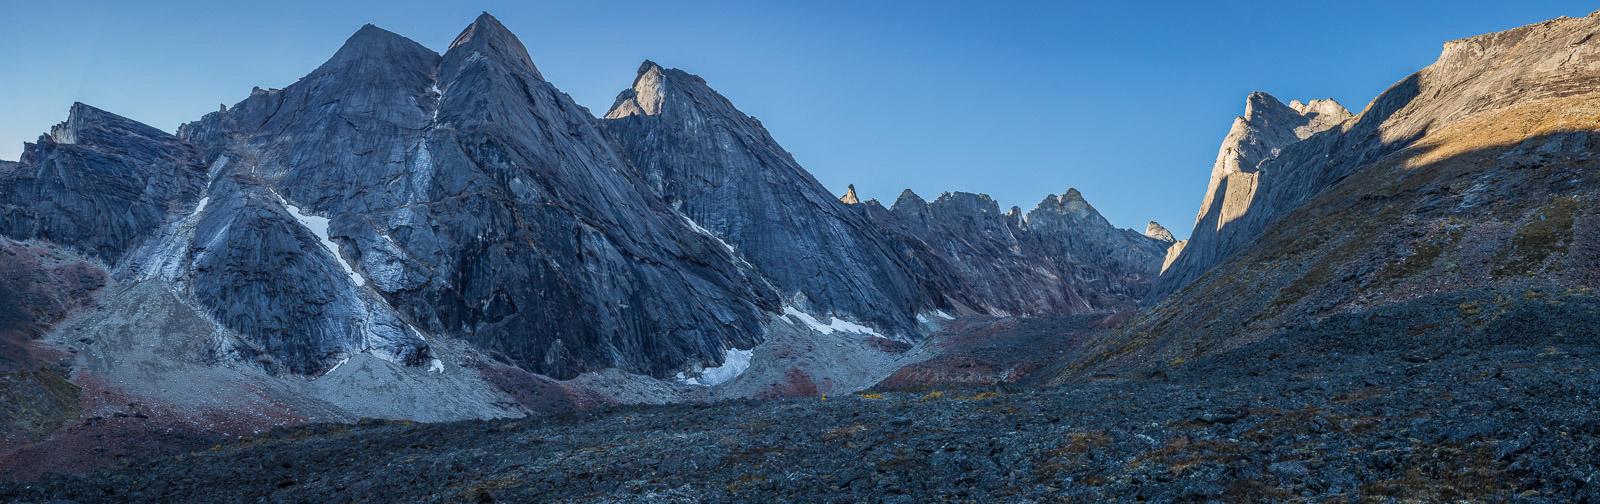 alaska arrigetch peaks